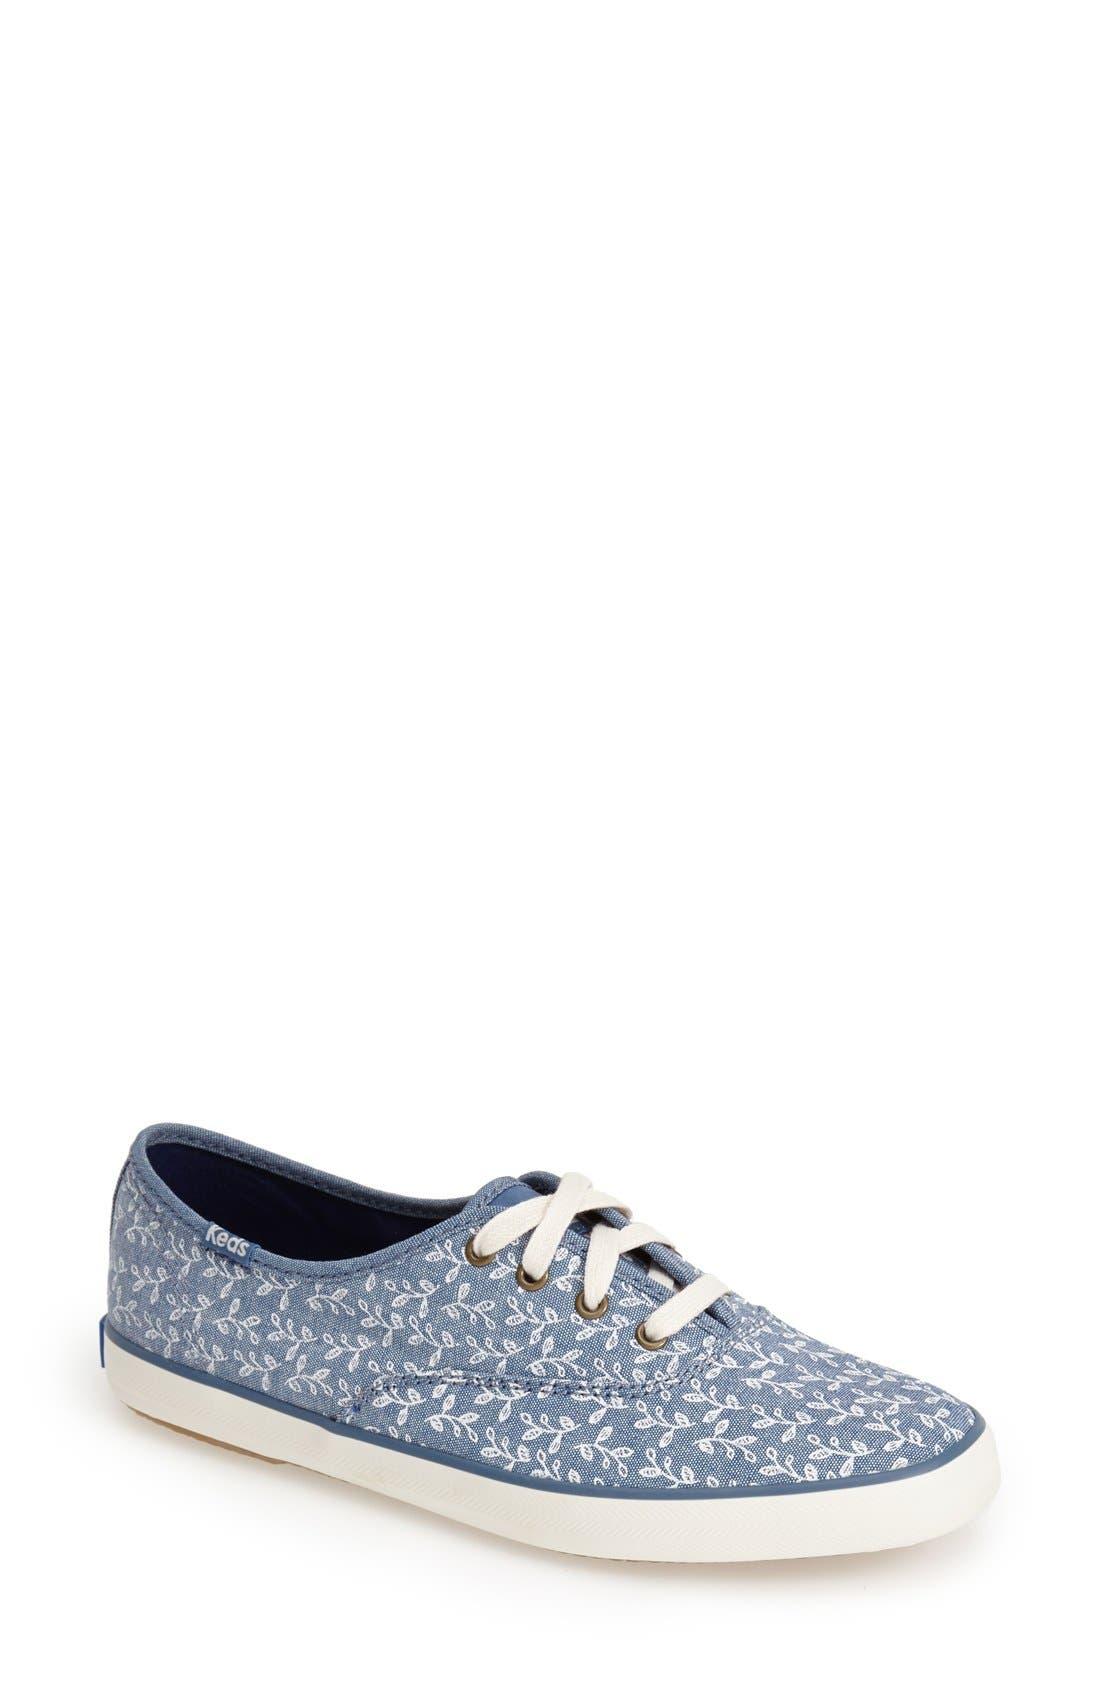 Main Image - Keds® 'Champion - Botanical' Sneaker (Women)